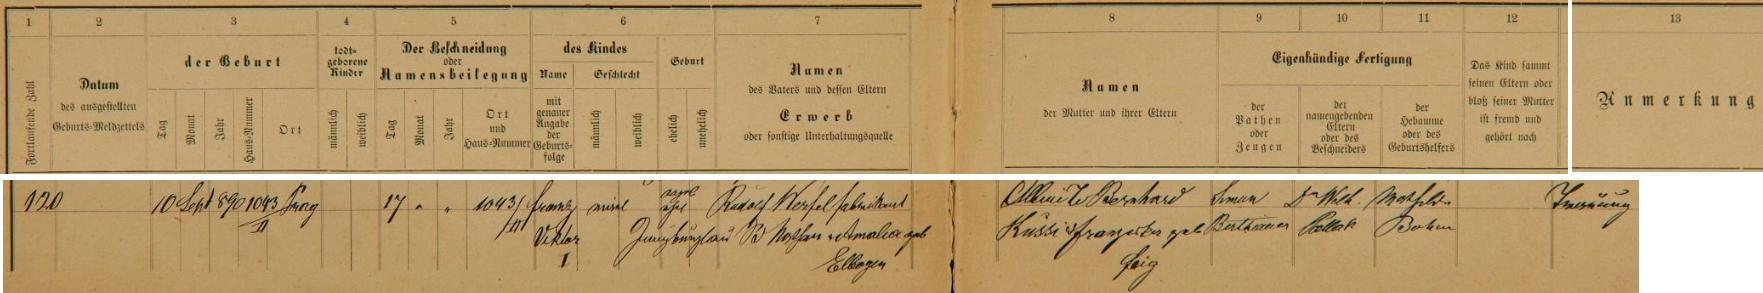 """Podle tohoto záznamu pražské židovské matriky se tu narodil dne 10. září roku 1890 v domě čp. 1043/II. a týden nato po obřízce dostal i jméno Franz Viktor Werfel (příjmení je obdobou českého """"Vrhel"""") - otec dítěte Rudolf Werfel je vzáznamu uveden jako mladoboleslavský továrník a syn Nathana Werfela a jeho ženy Amalie, roz. Elbogenové, chlapcova matka Albine byla pak dcerou Bernharda Kussiho a jeho ženy Franzisky, roz. Feigové - kmotrem novorozencovým se stal Simon Berthauer, obřízku provedl Dr. Wilhelm Pollak, porodní bábou byla Mathilde Bohmová"""